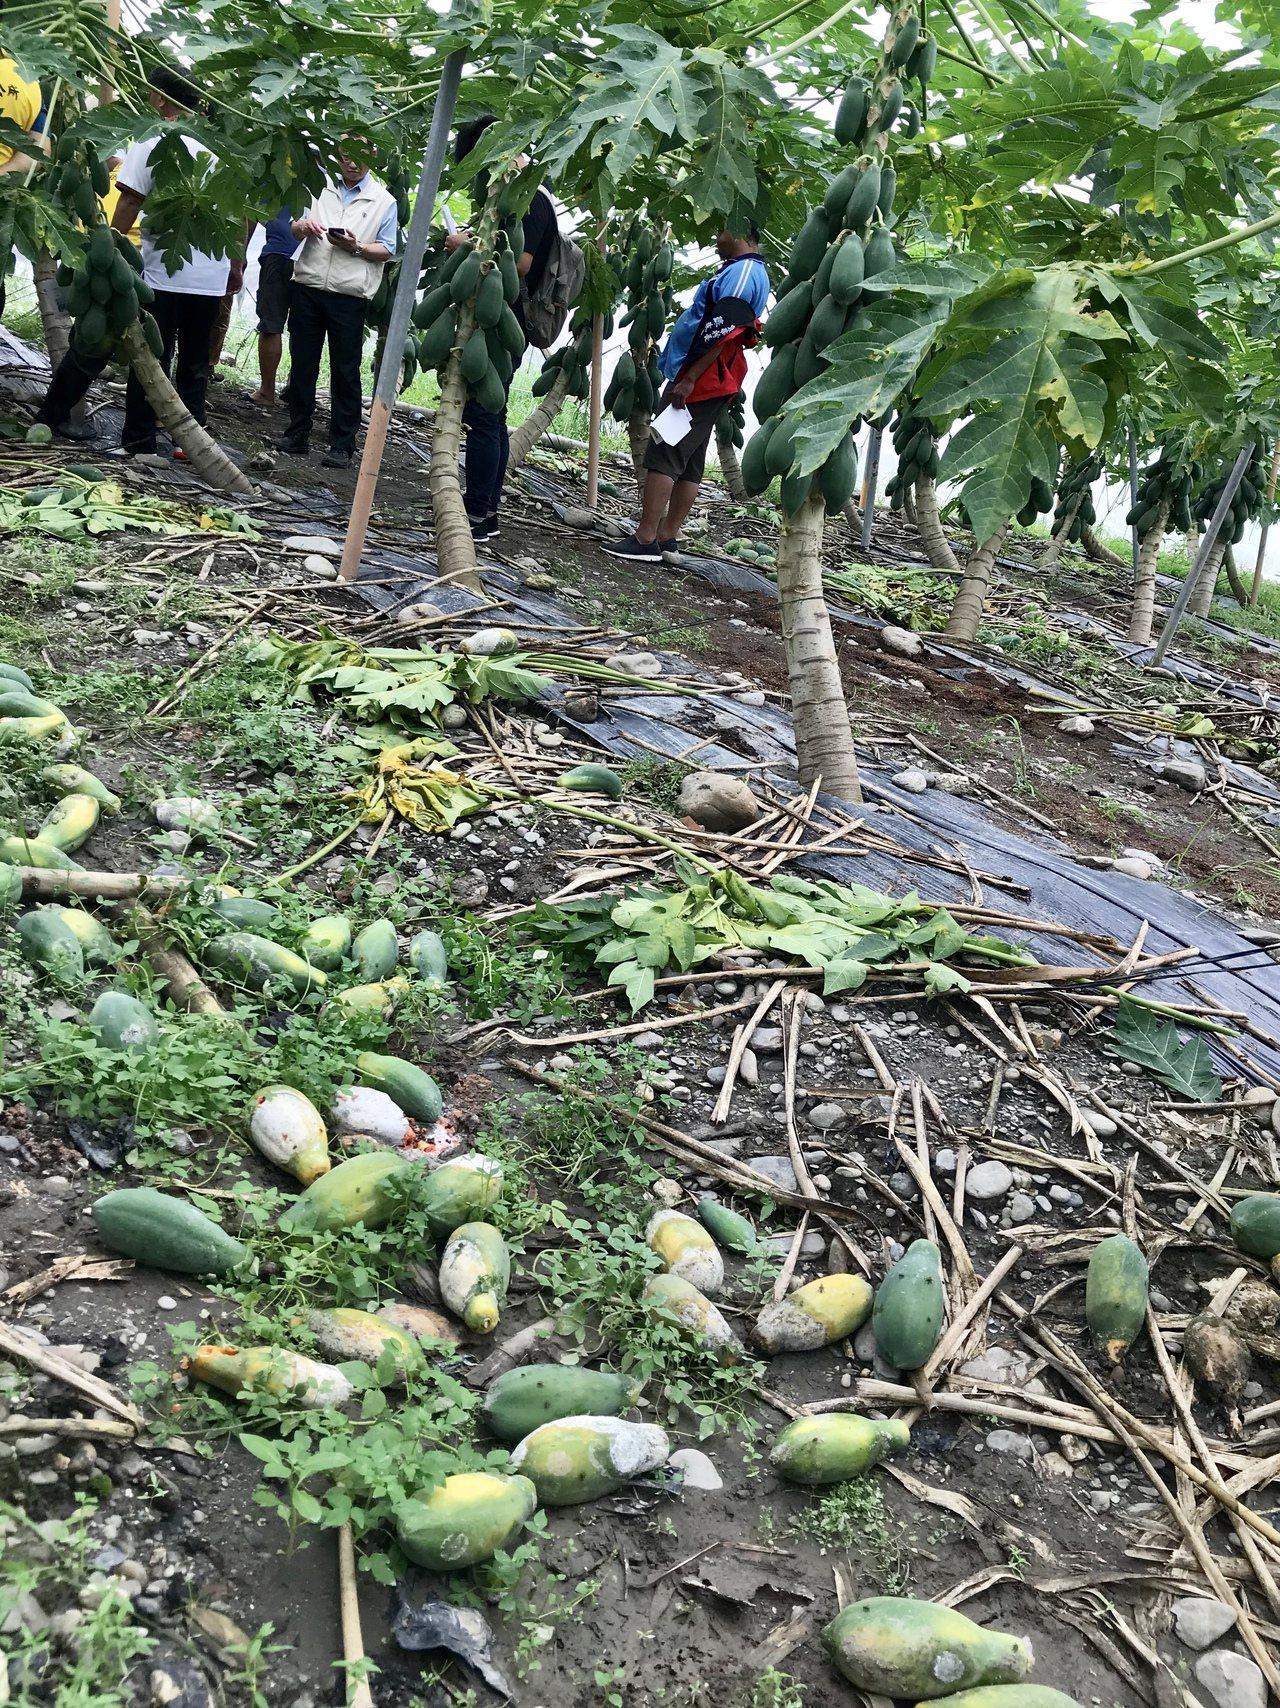 農委會主委陳吉仲表示,屏東木瓜每公頃可申請7萬5千元現金補助。記者江國豪/攝影